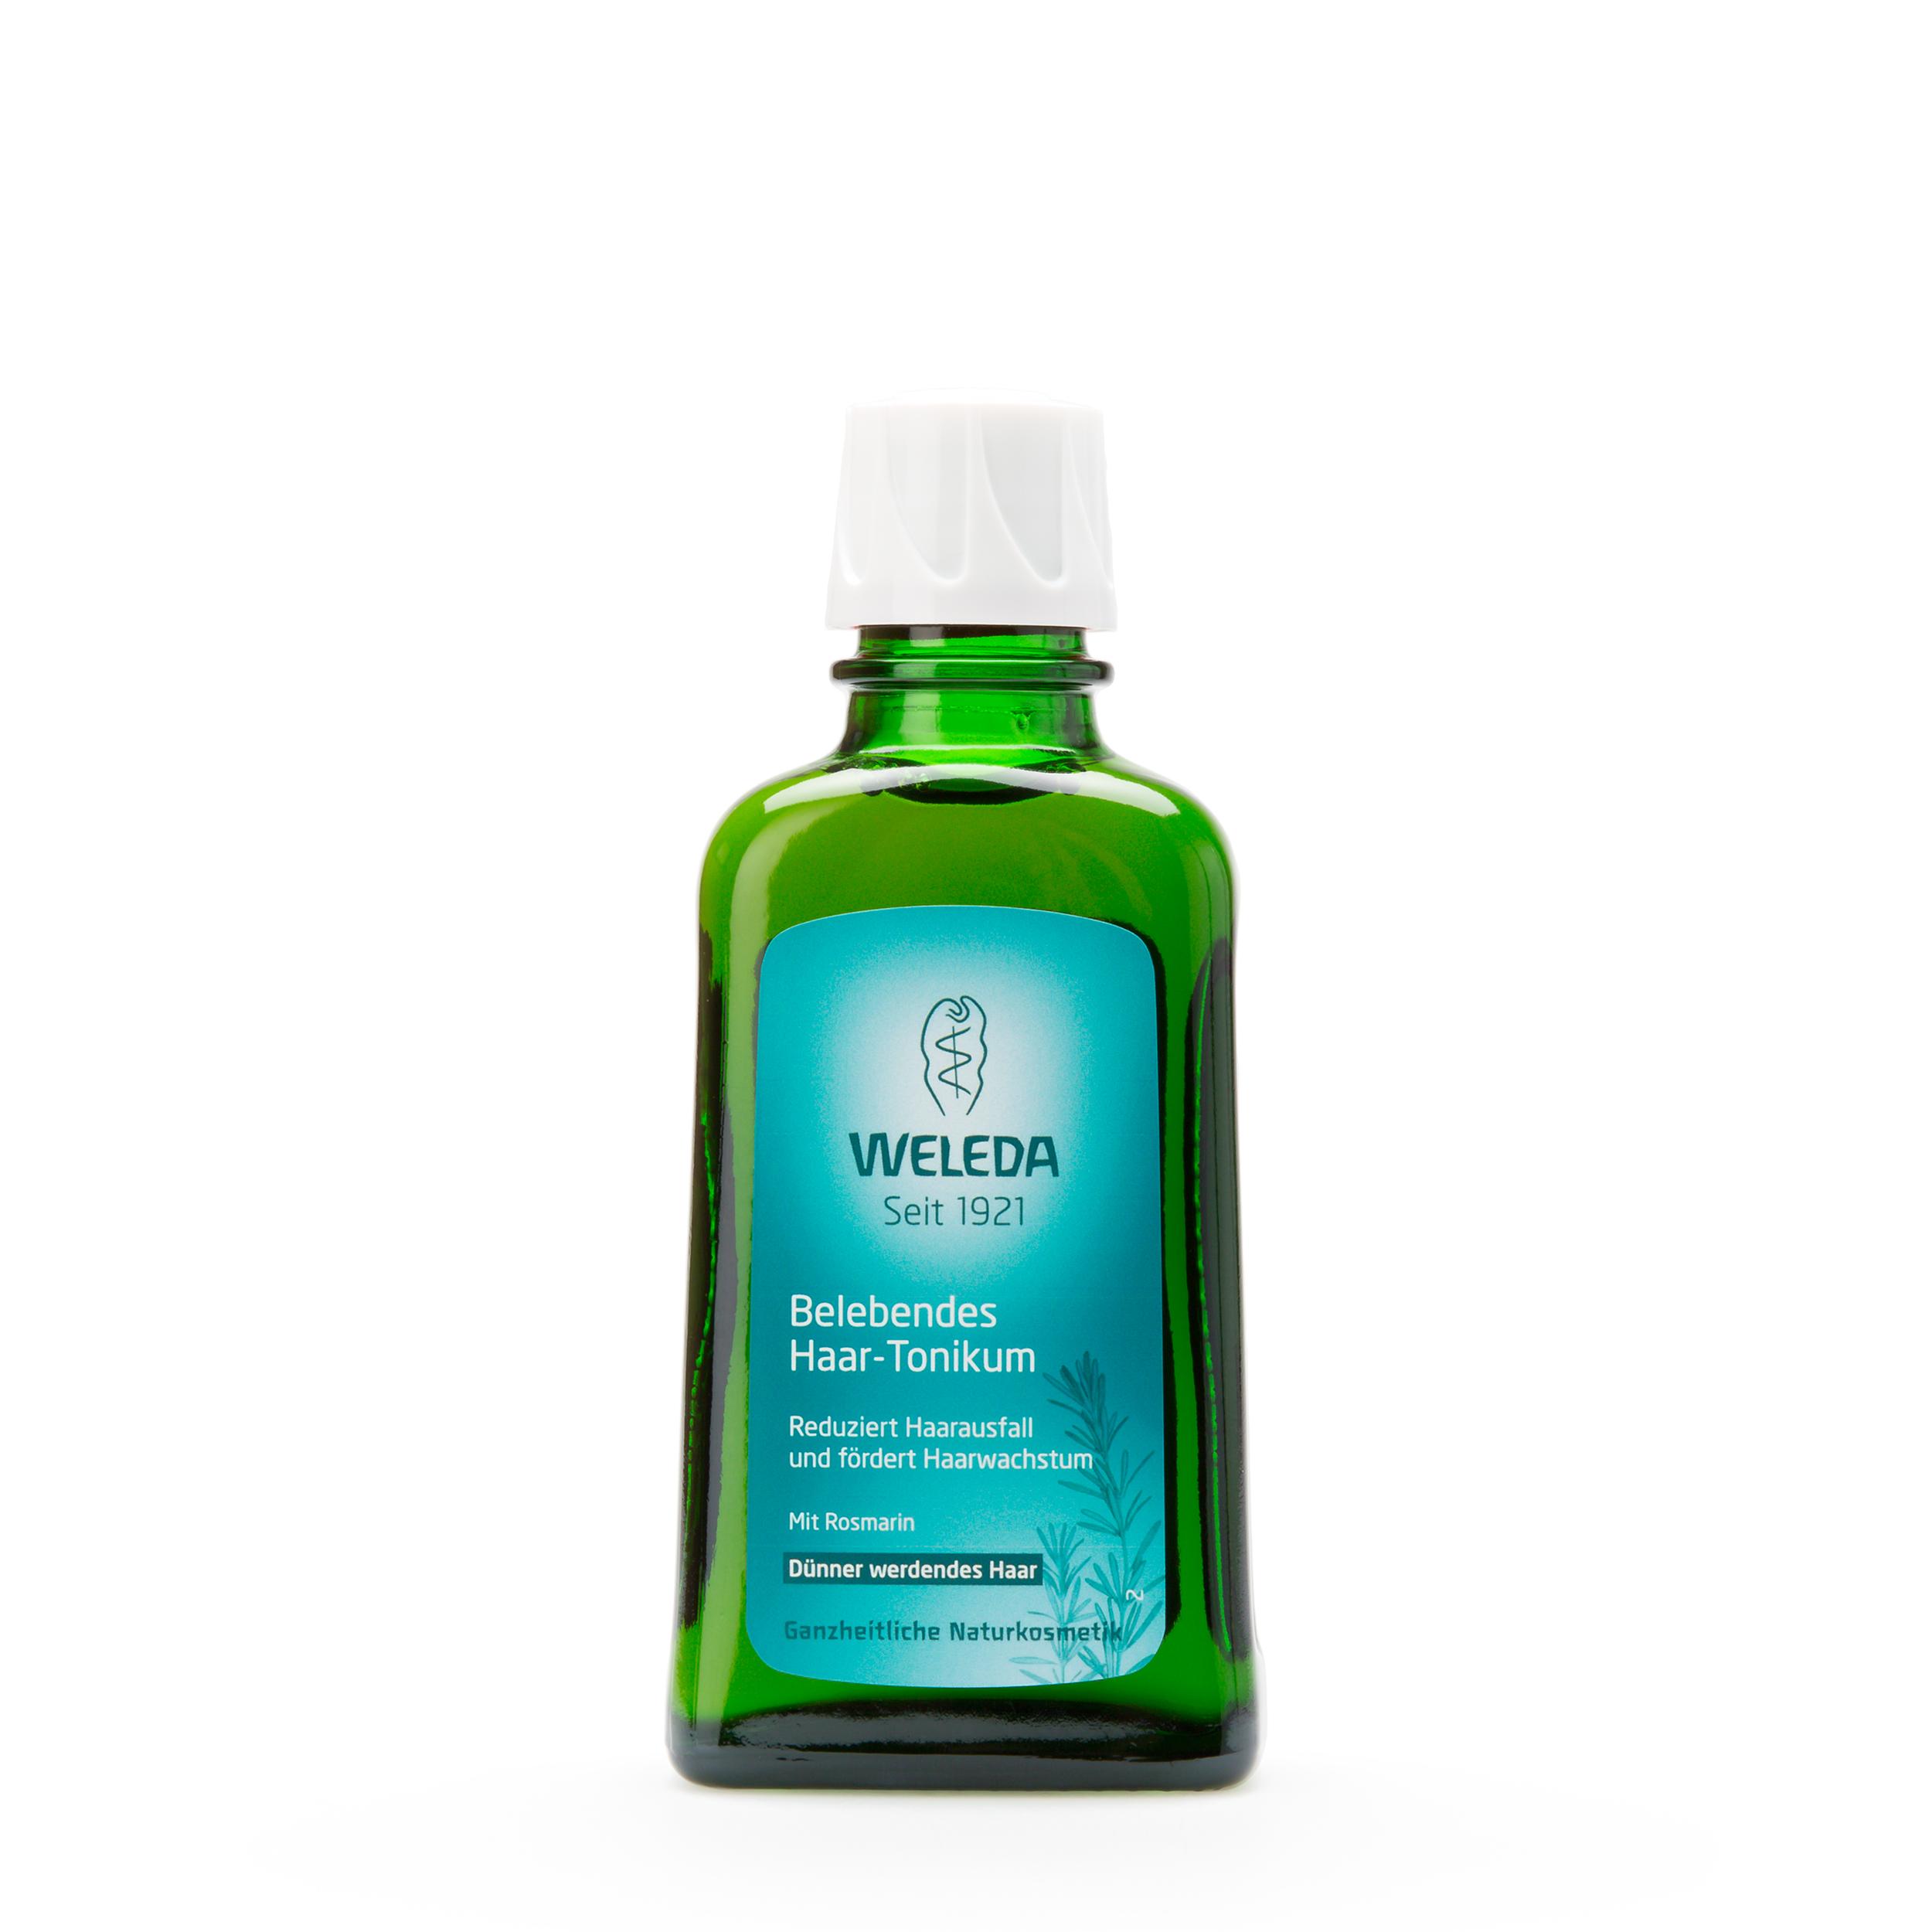 Weleda Укрепляющее средство для роста волос с розмарином